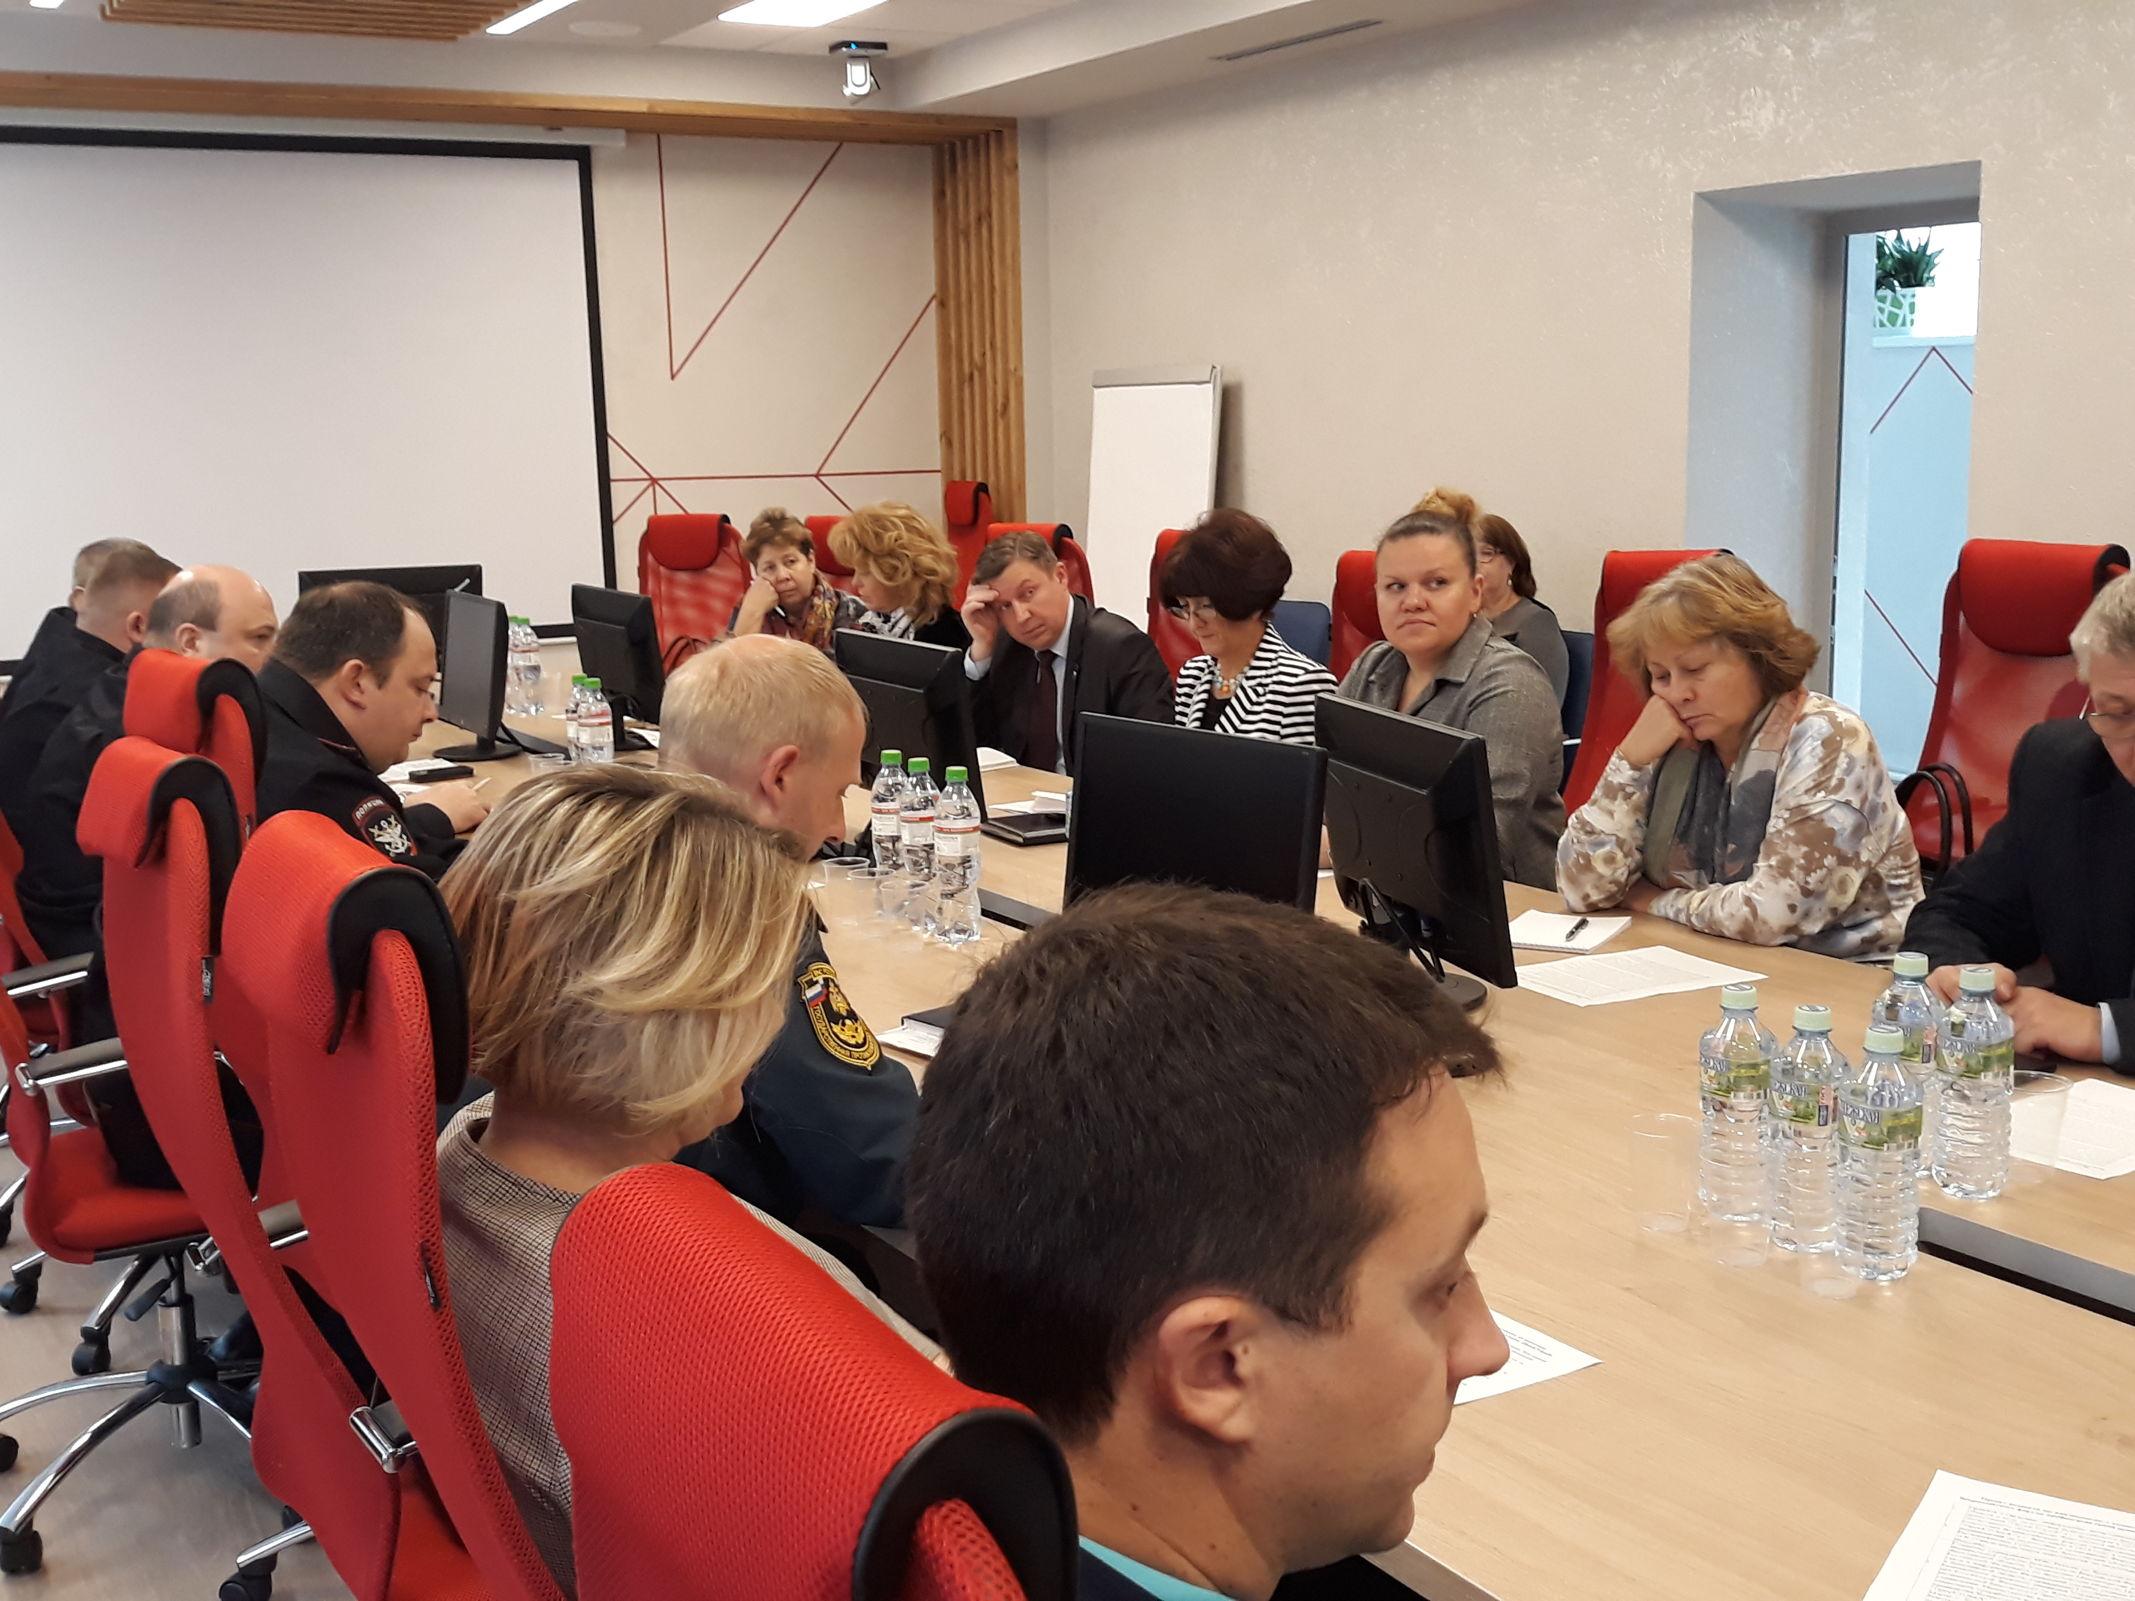 Дмитрий Миронов: в ноябре в Ярославле вновь пройдет всероссийский форум «ПроеКТОриЯ»